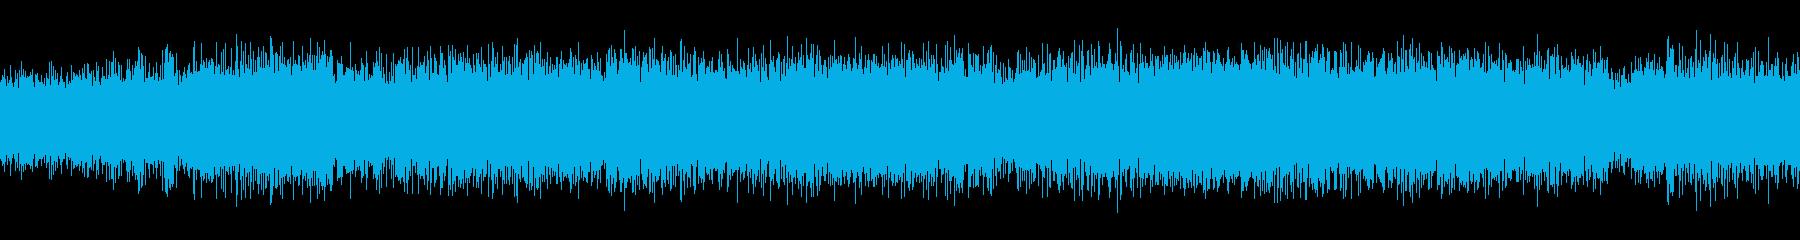 ミニトランジスターラジオ:静的ラジ...の再生済みの波形